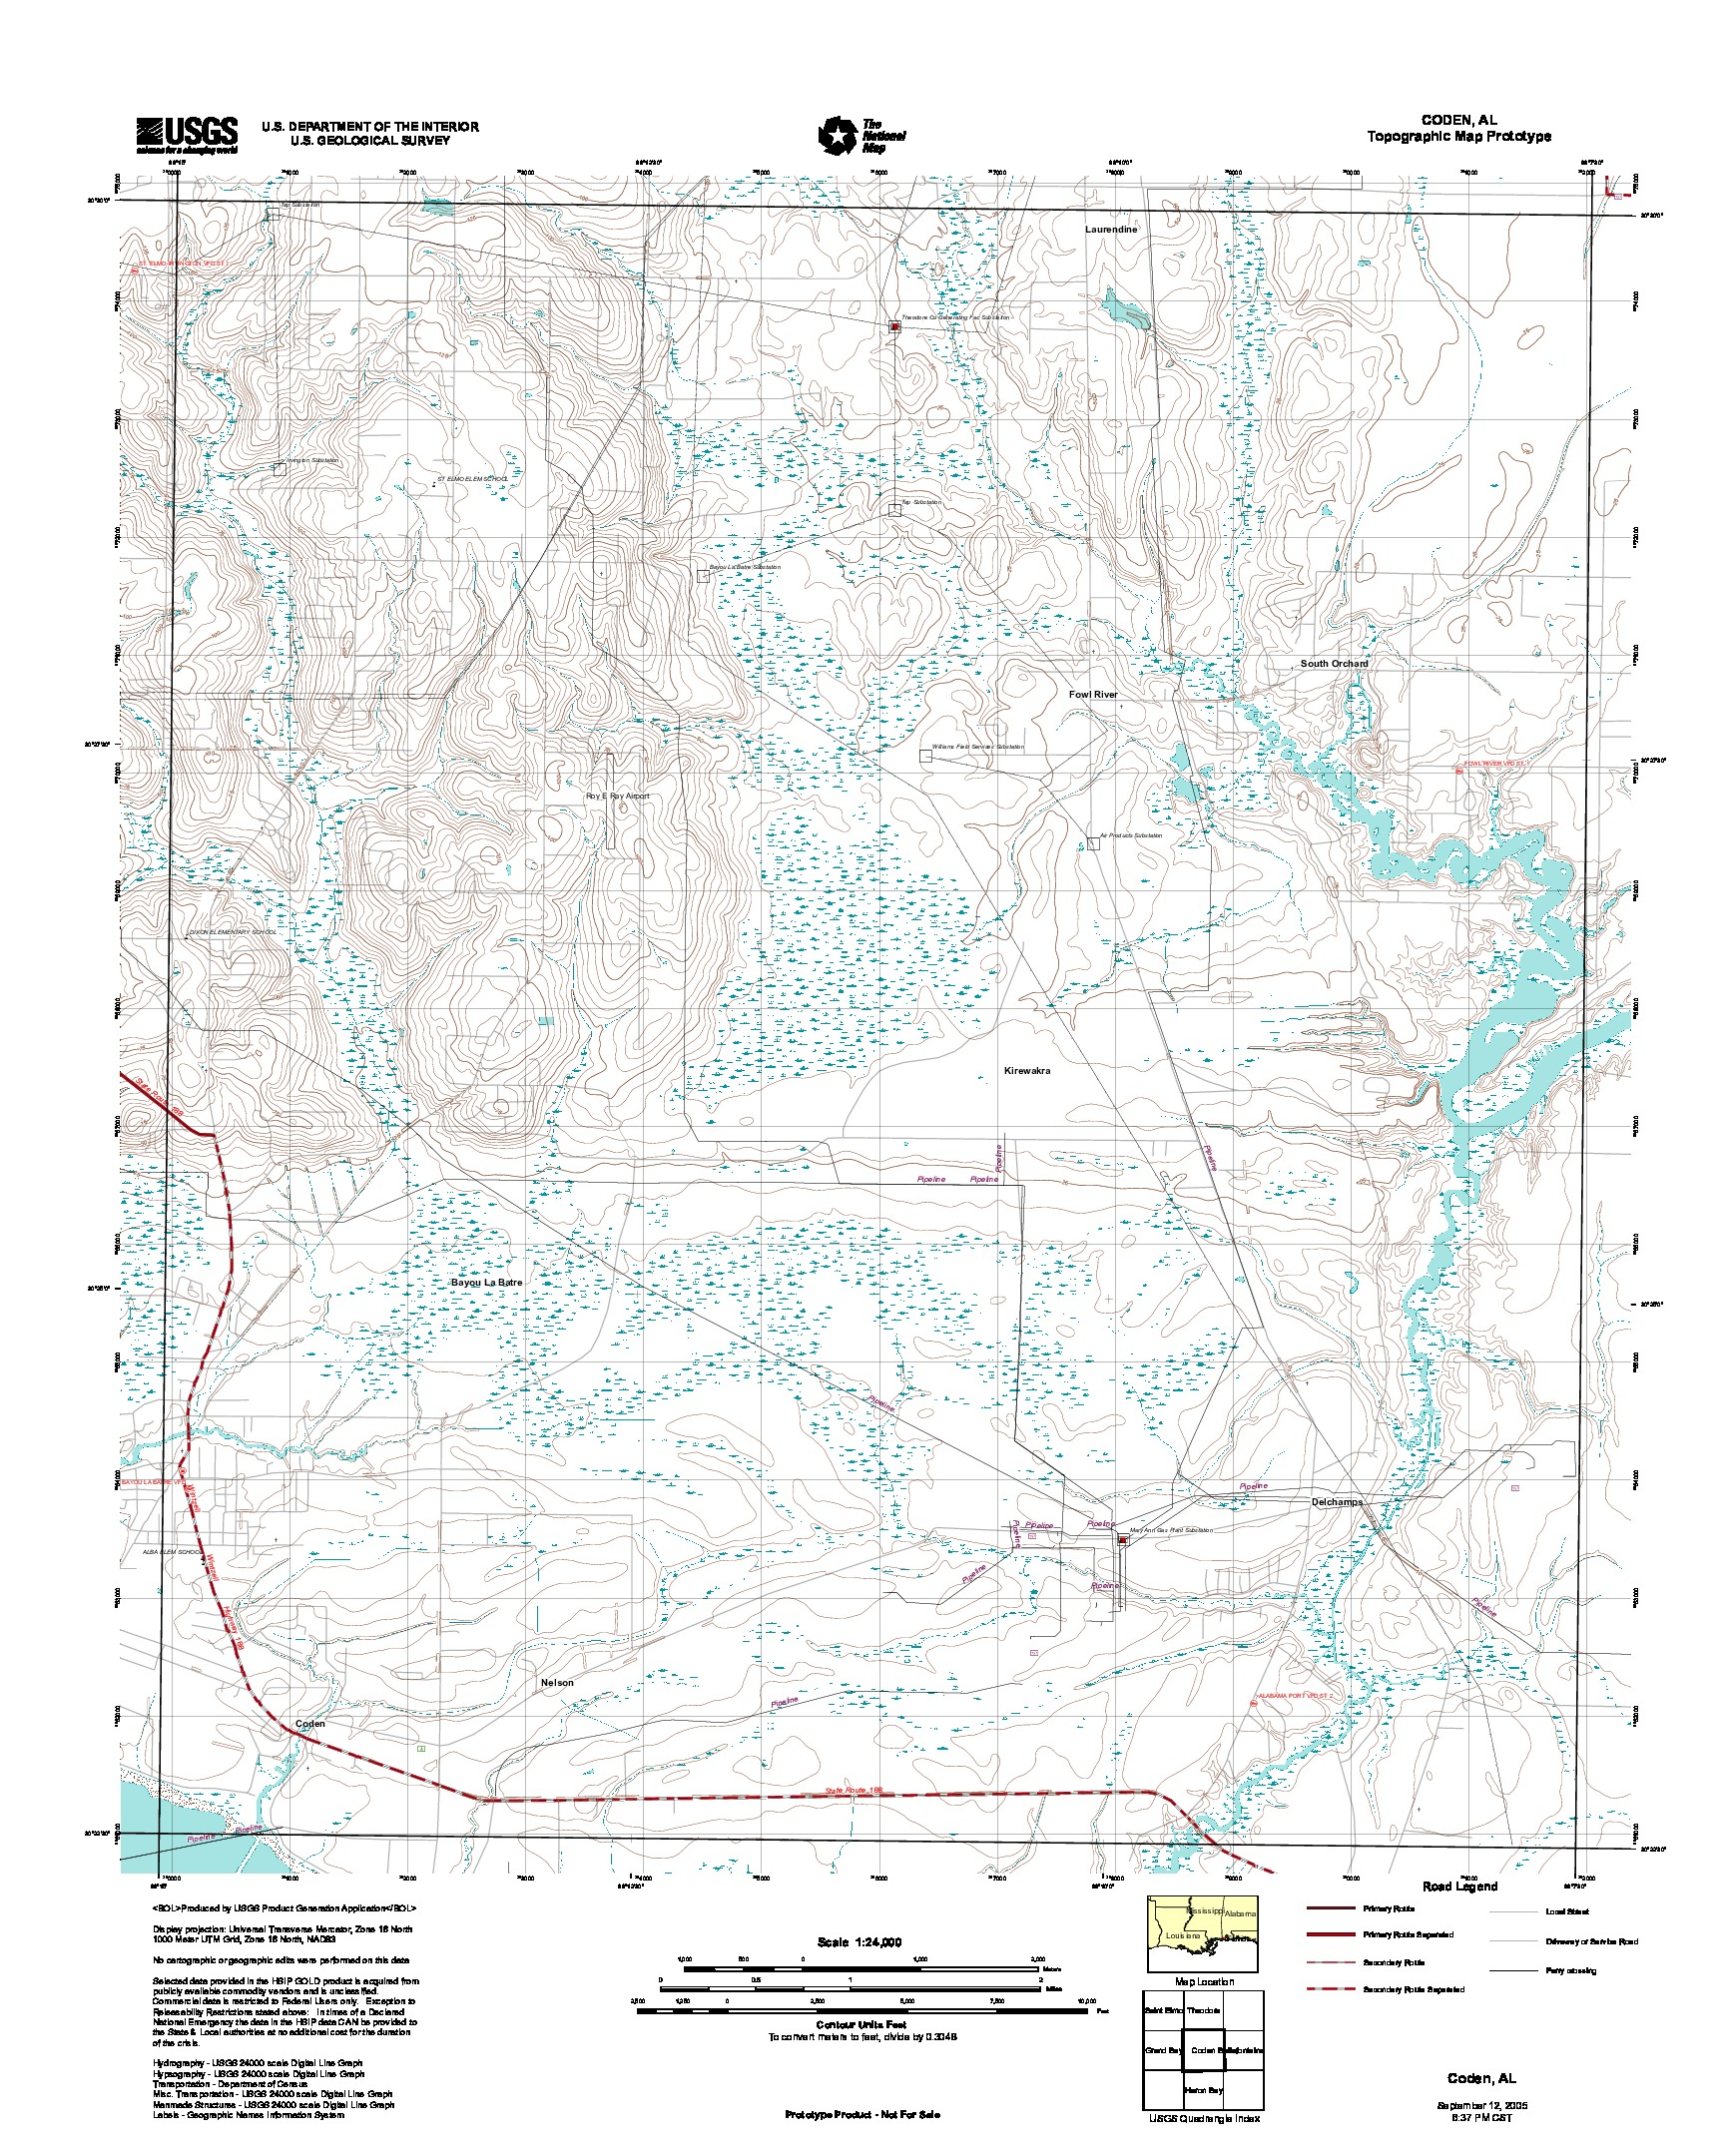 Prototipo de Mapa Topográfico de Coden, Alabama, Estados Unidos, Septiembre 12, 2005